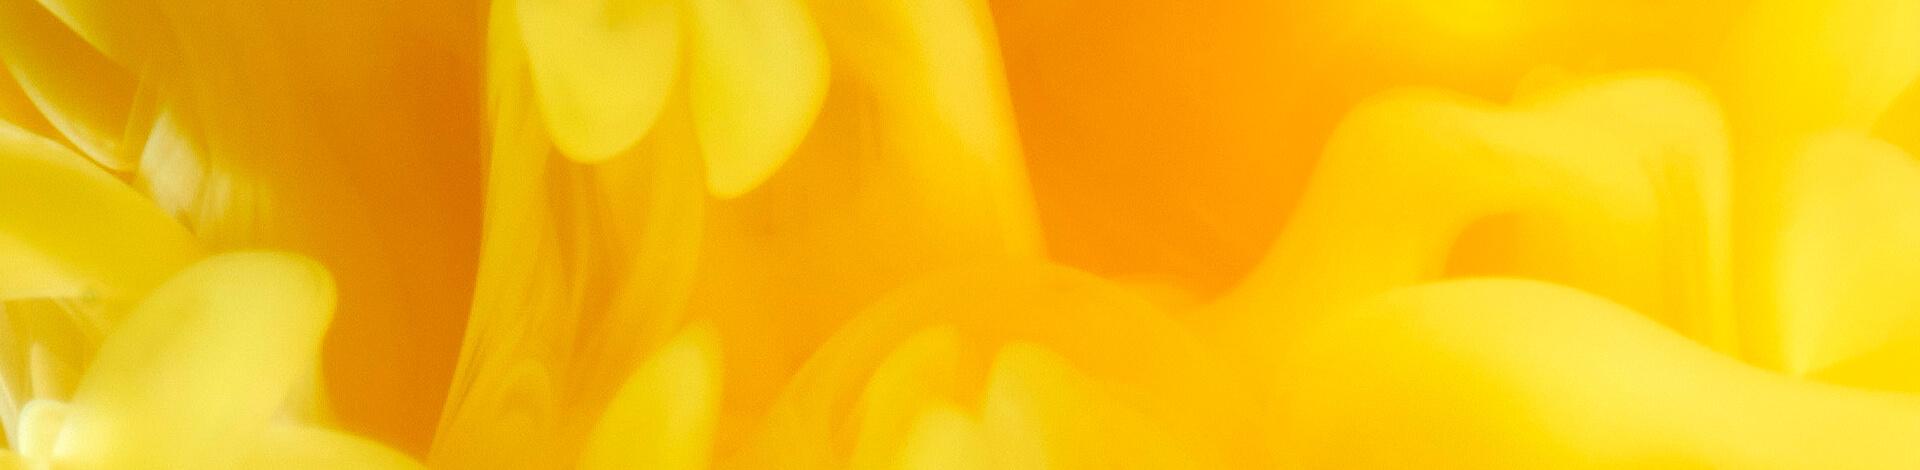 Image Dynamique